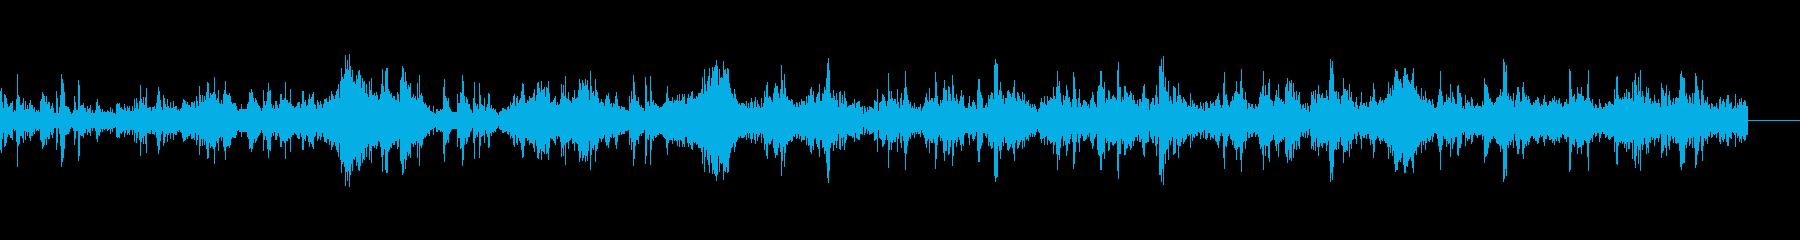 トレインホイールクローズアップループの再生済みの波形